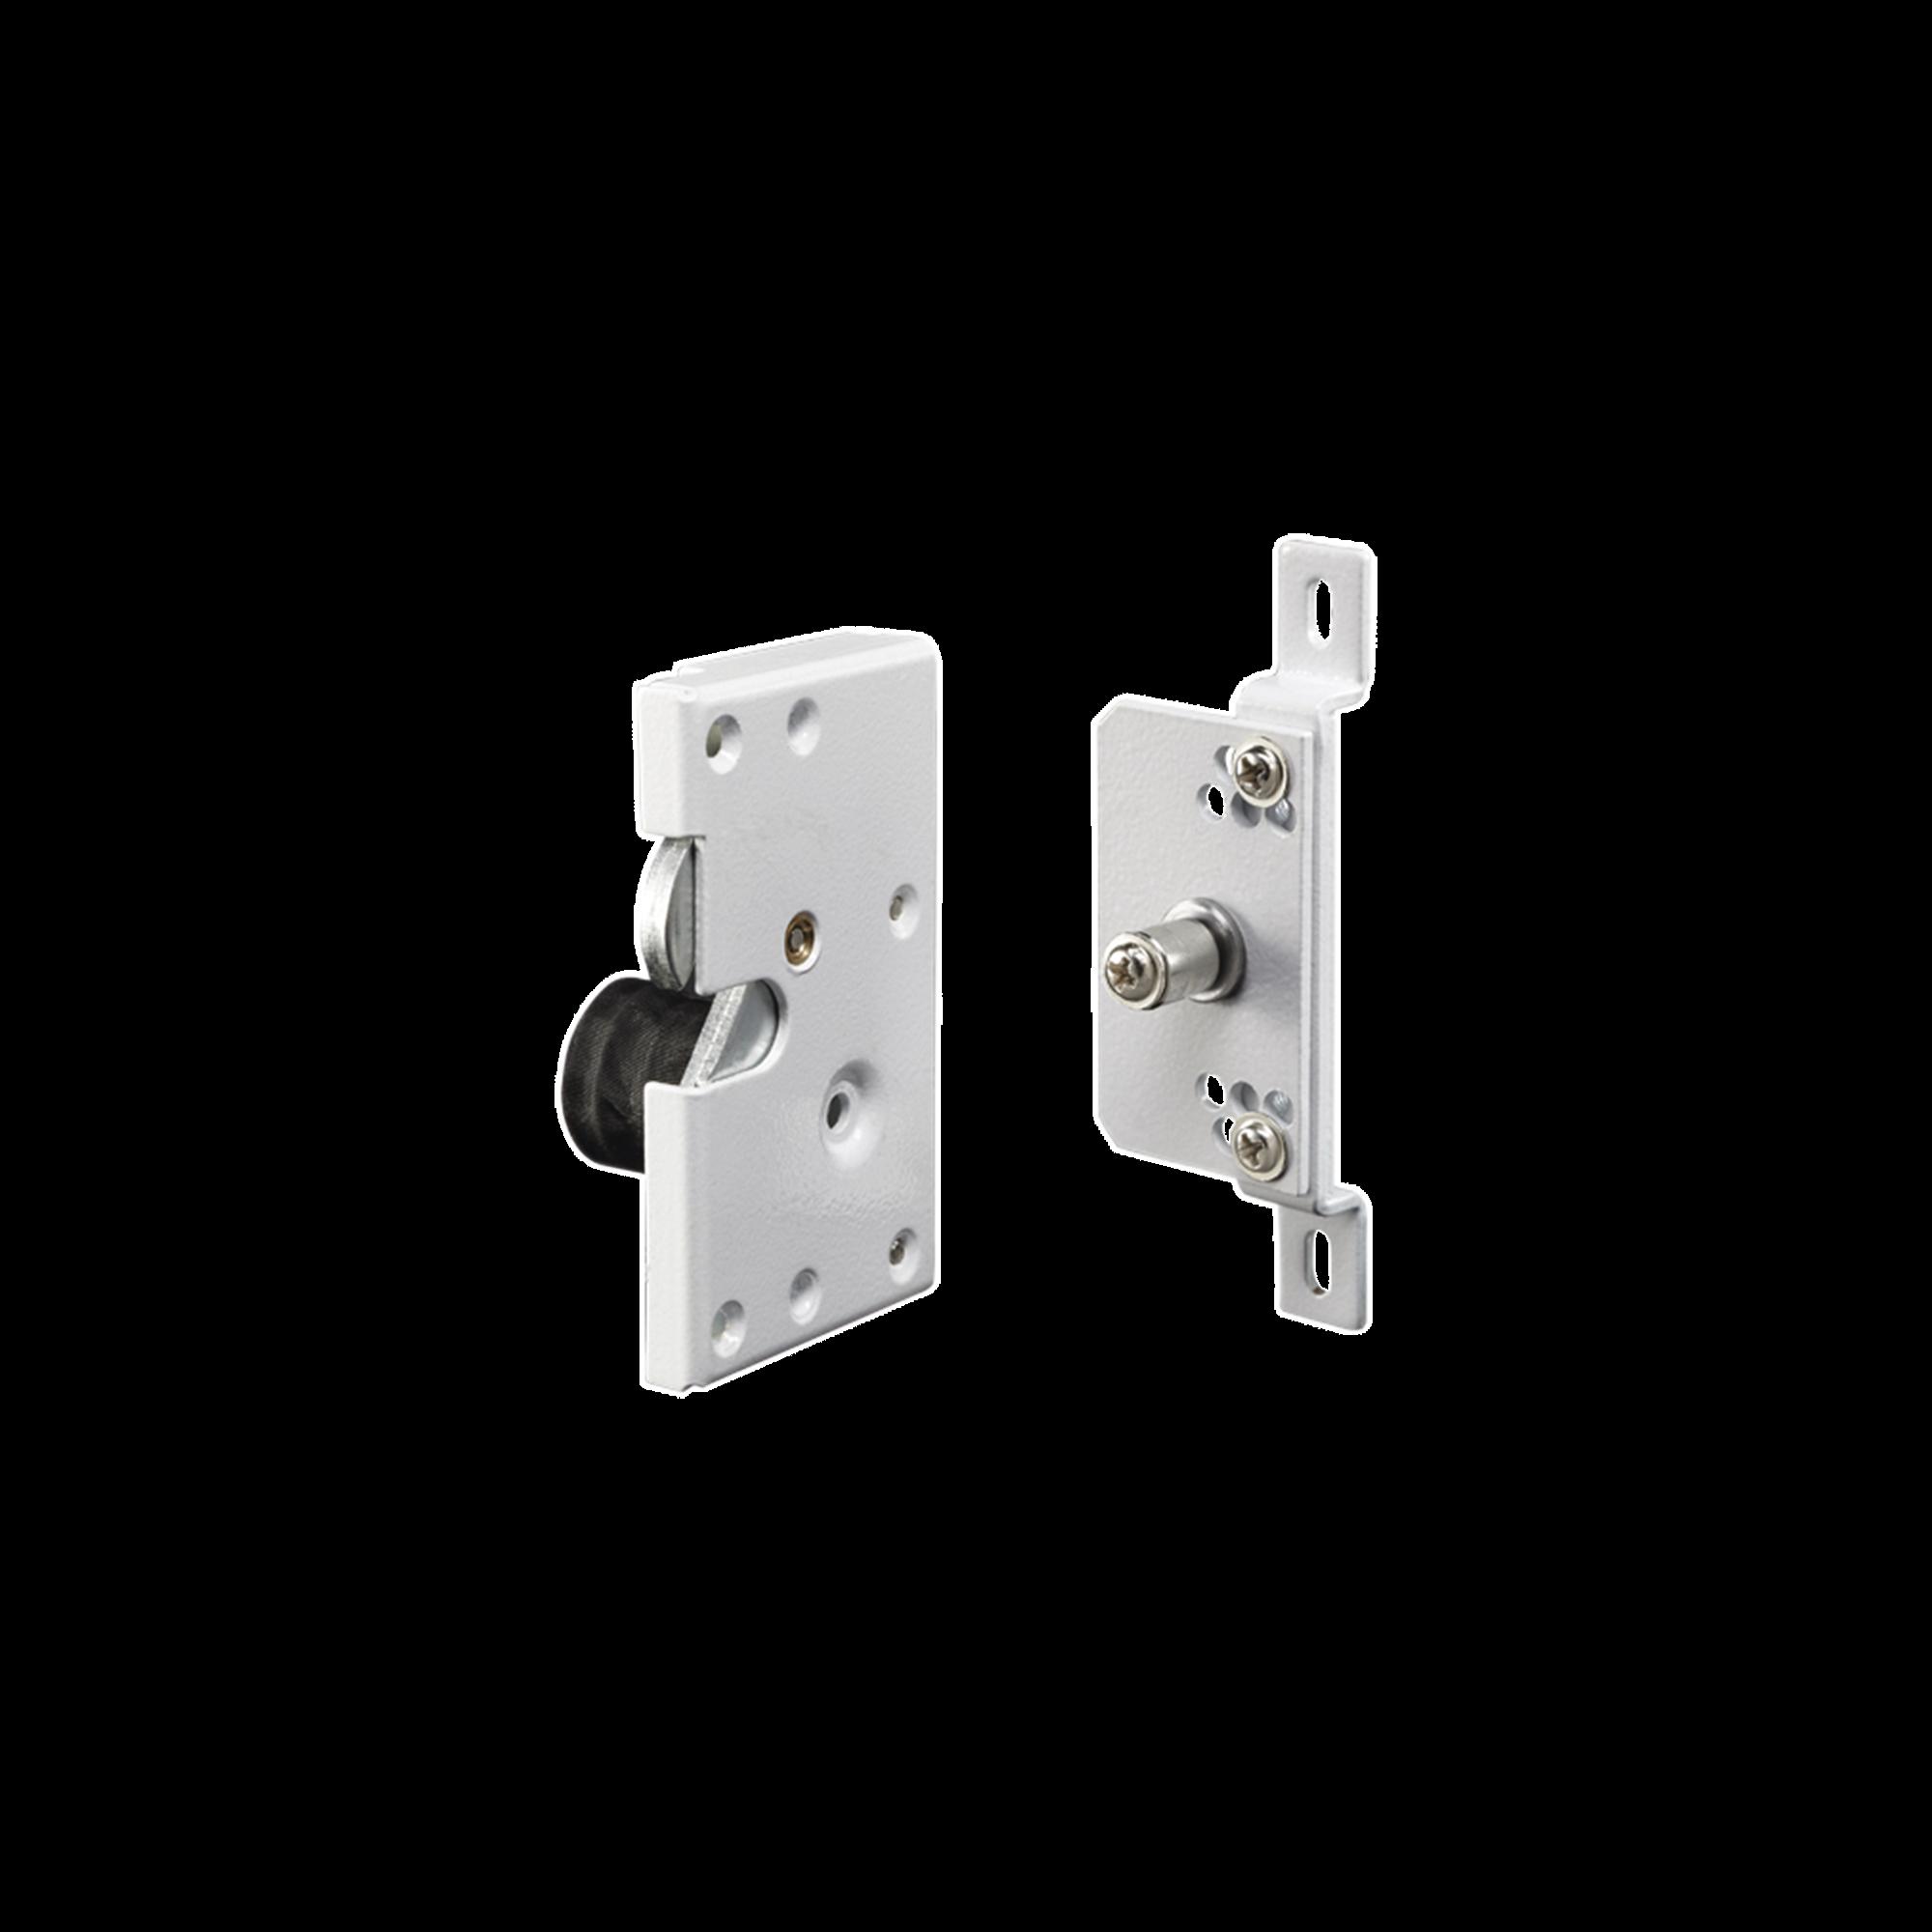 Cerradura eléctrica para puertas corredizas tipo gancho / Abierto en caso de falla.